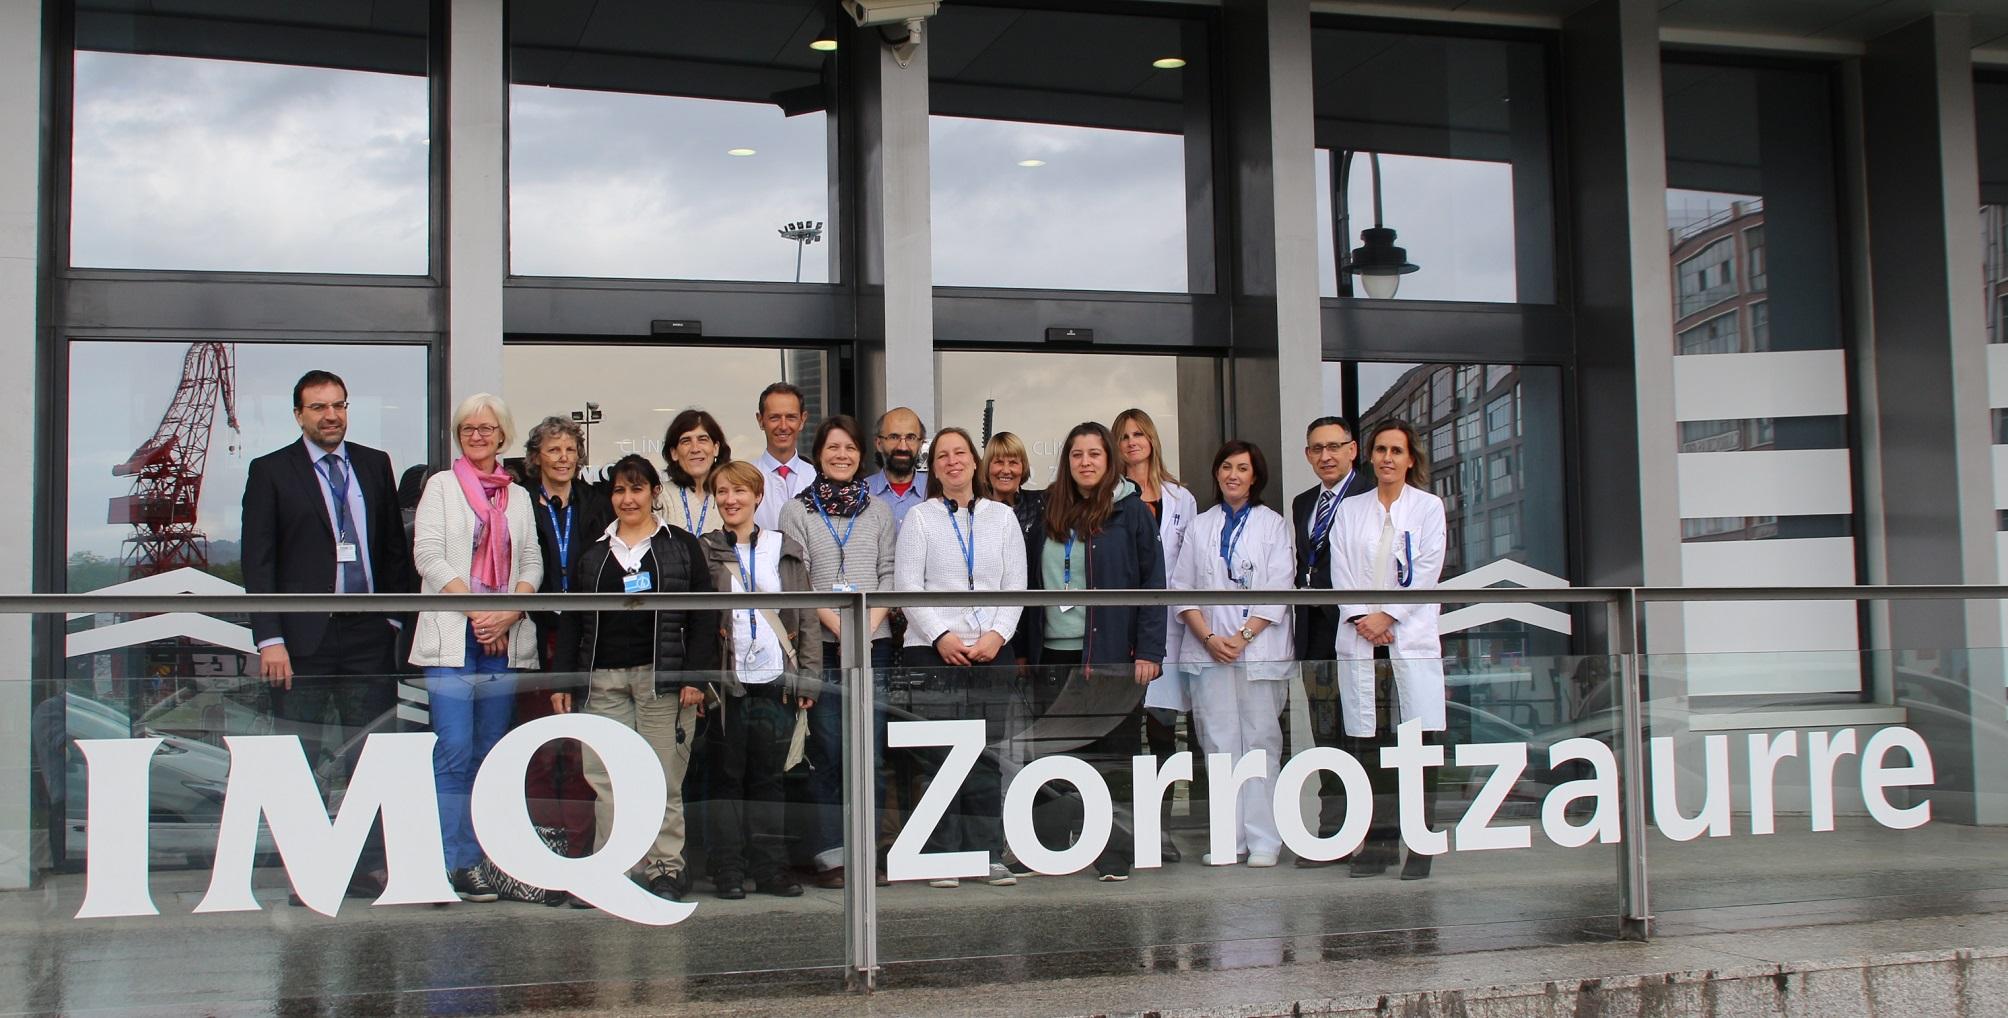 Profesoras de Enfermería y profesionales sanitarias alemanas visitan ...